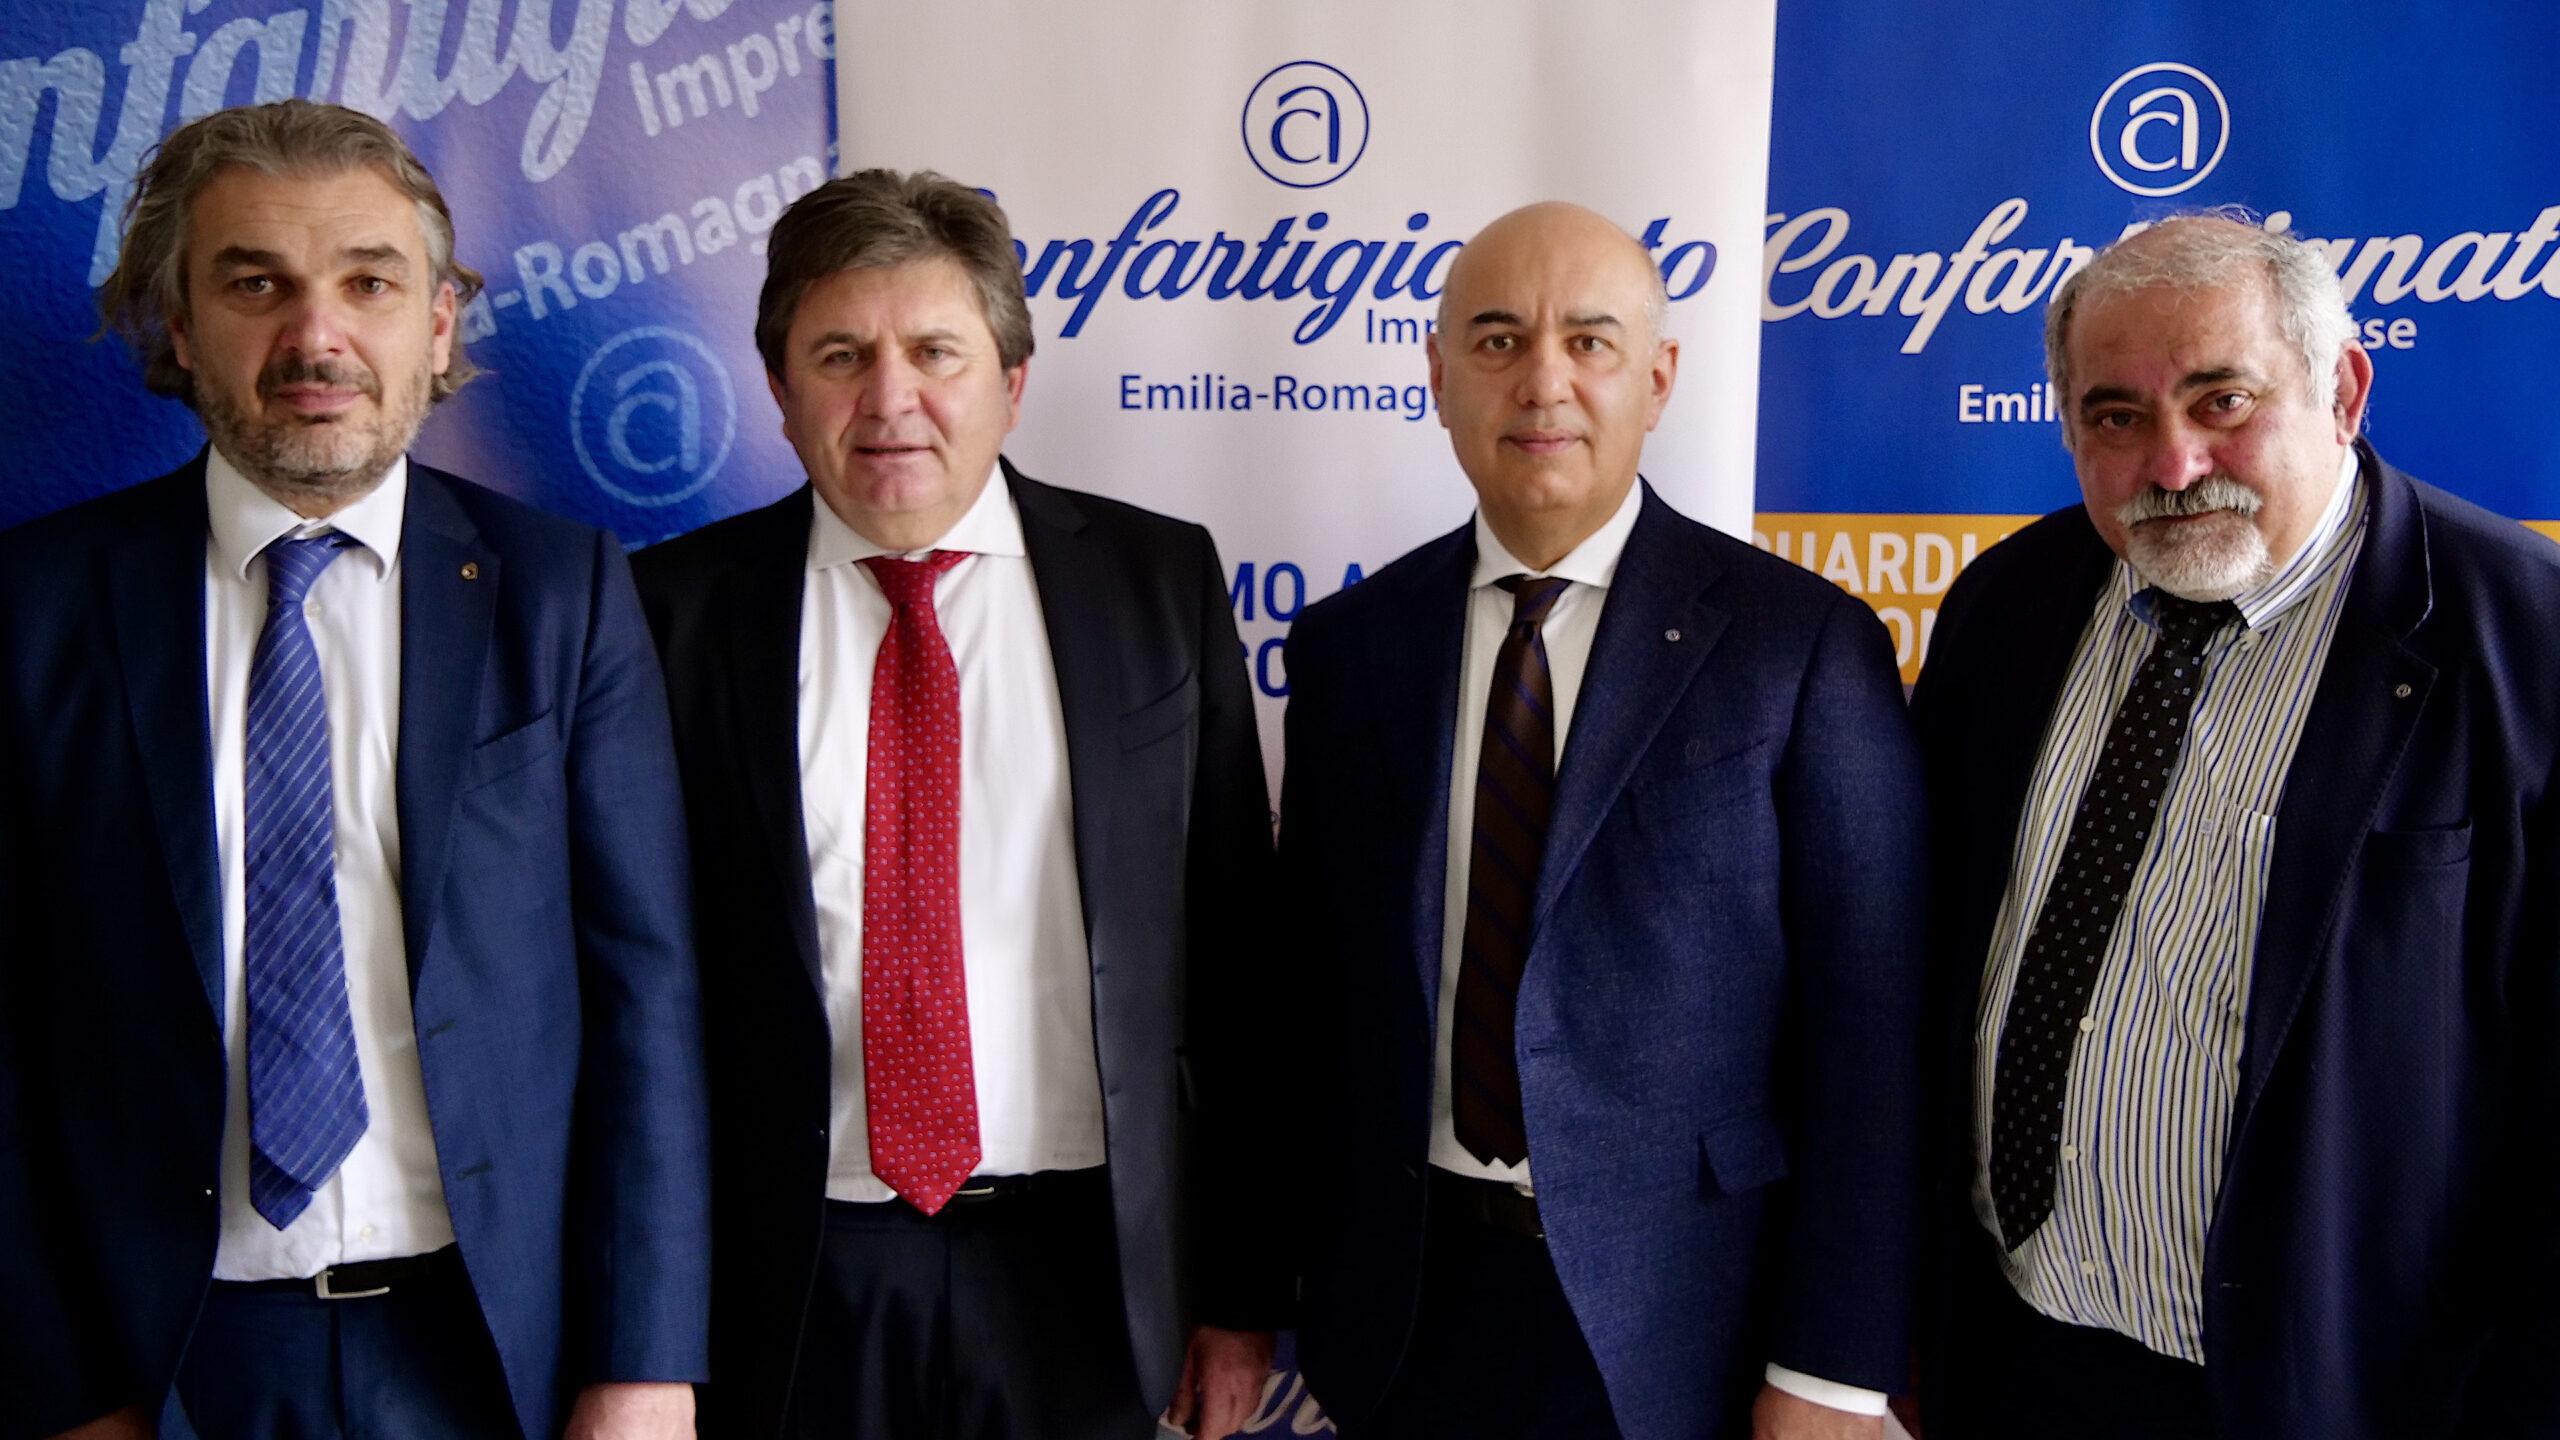 riunione presidenza confartigianato emilia romagna servadei morigi luppi renzi bologna federazione regionale